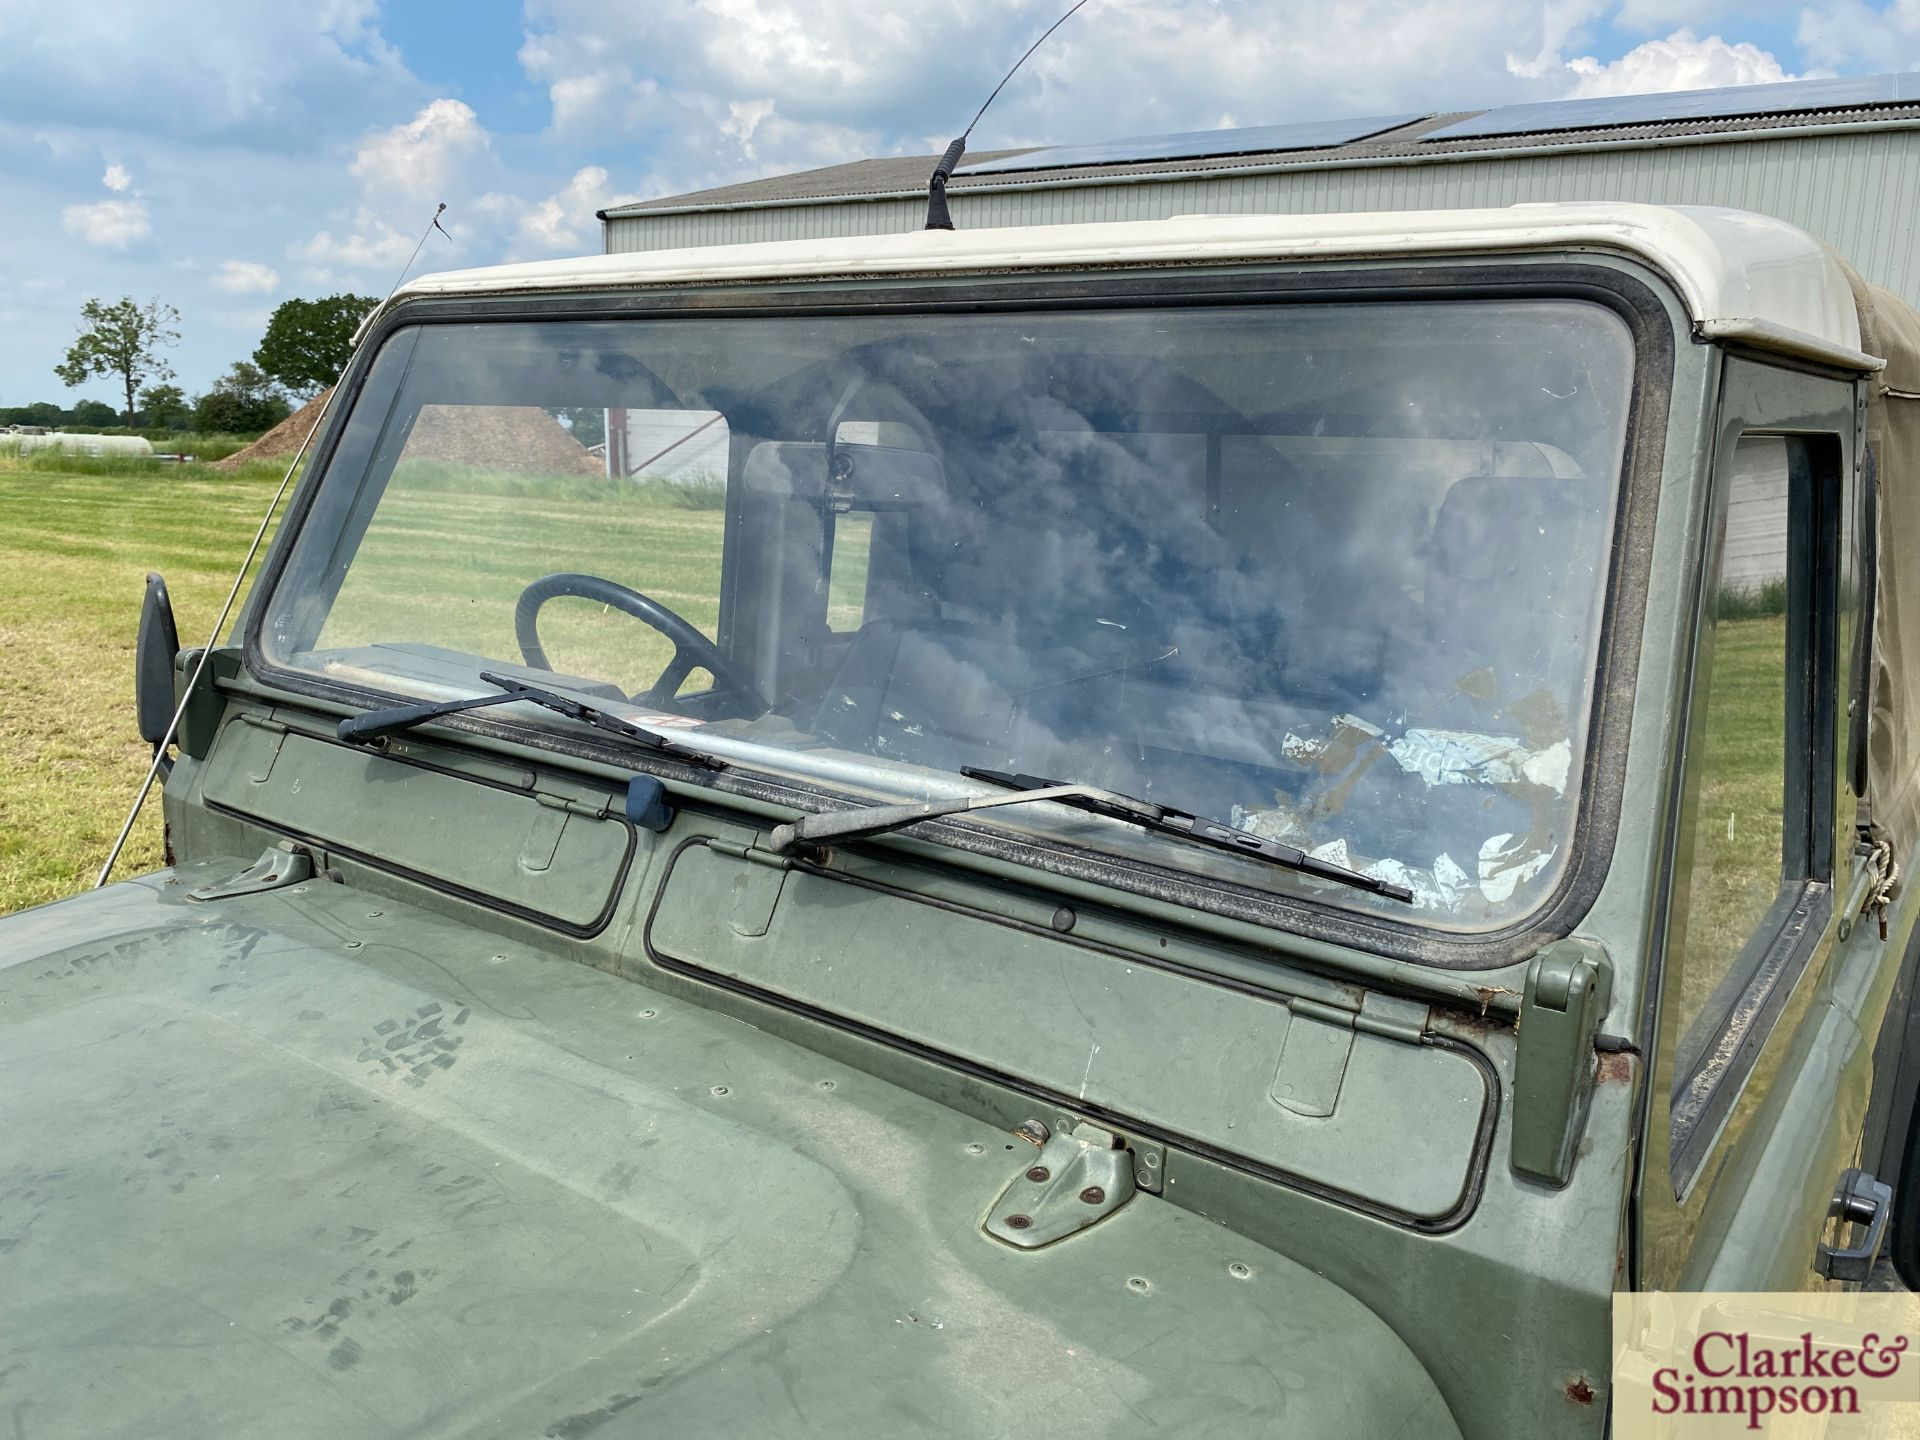 Land Rover Defender 110 single cab pick-up. Registration H317 OHK. Date of first registration 08/ - Image 12 of 56